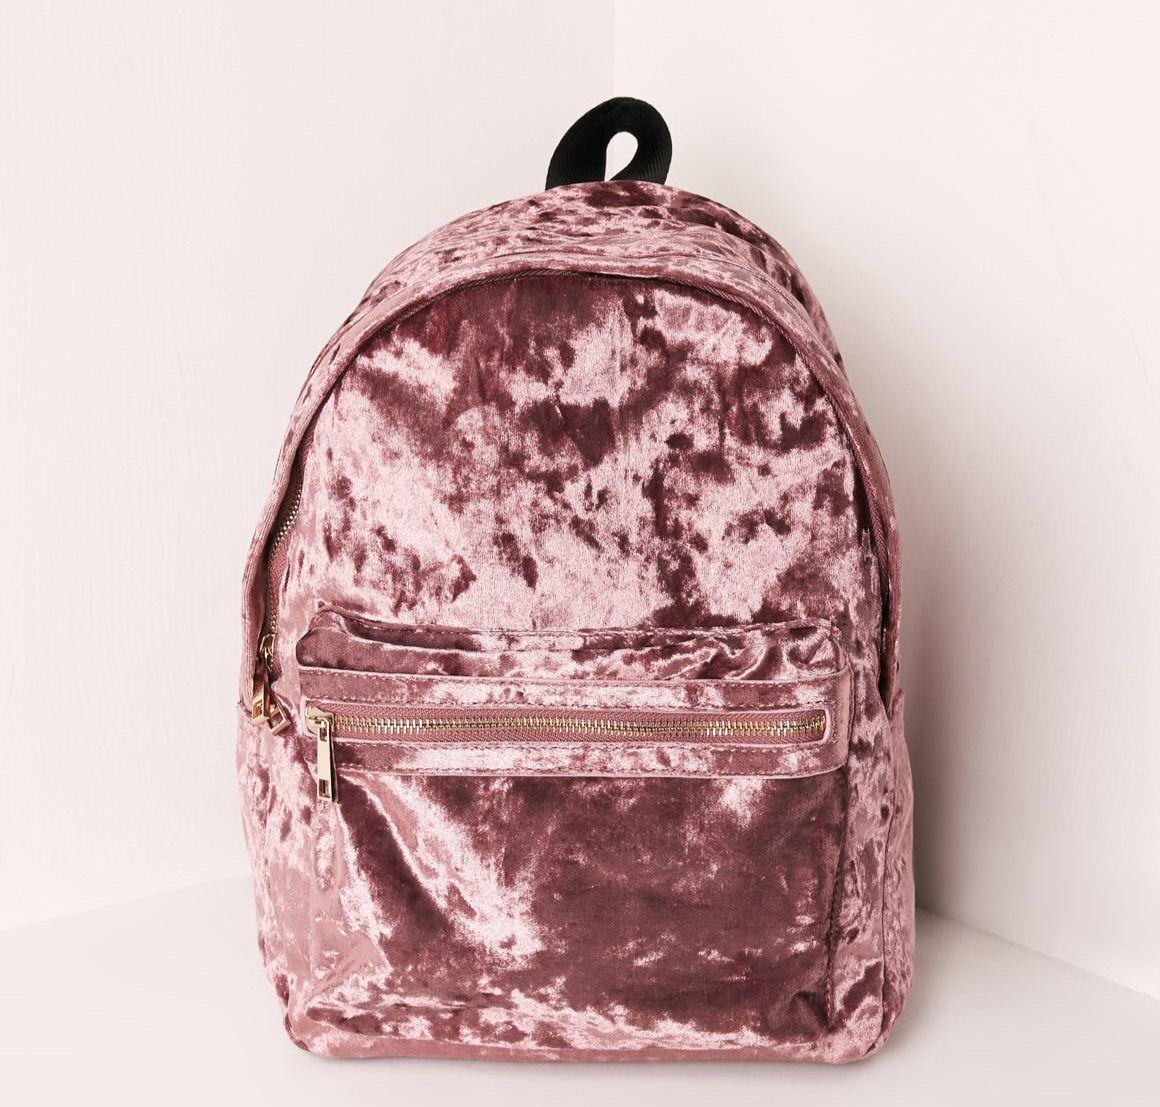 4308a23da Essa cor é maravilhosa❤ Amei essa mochila